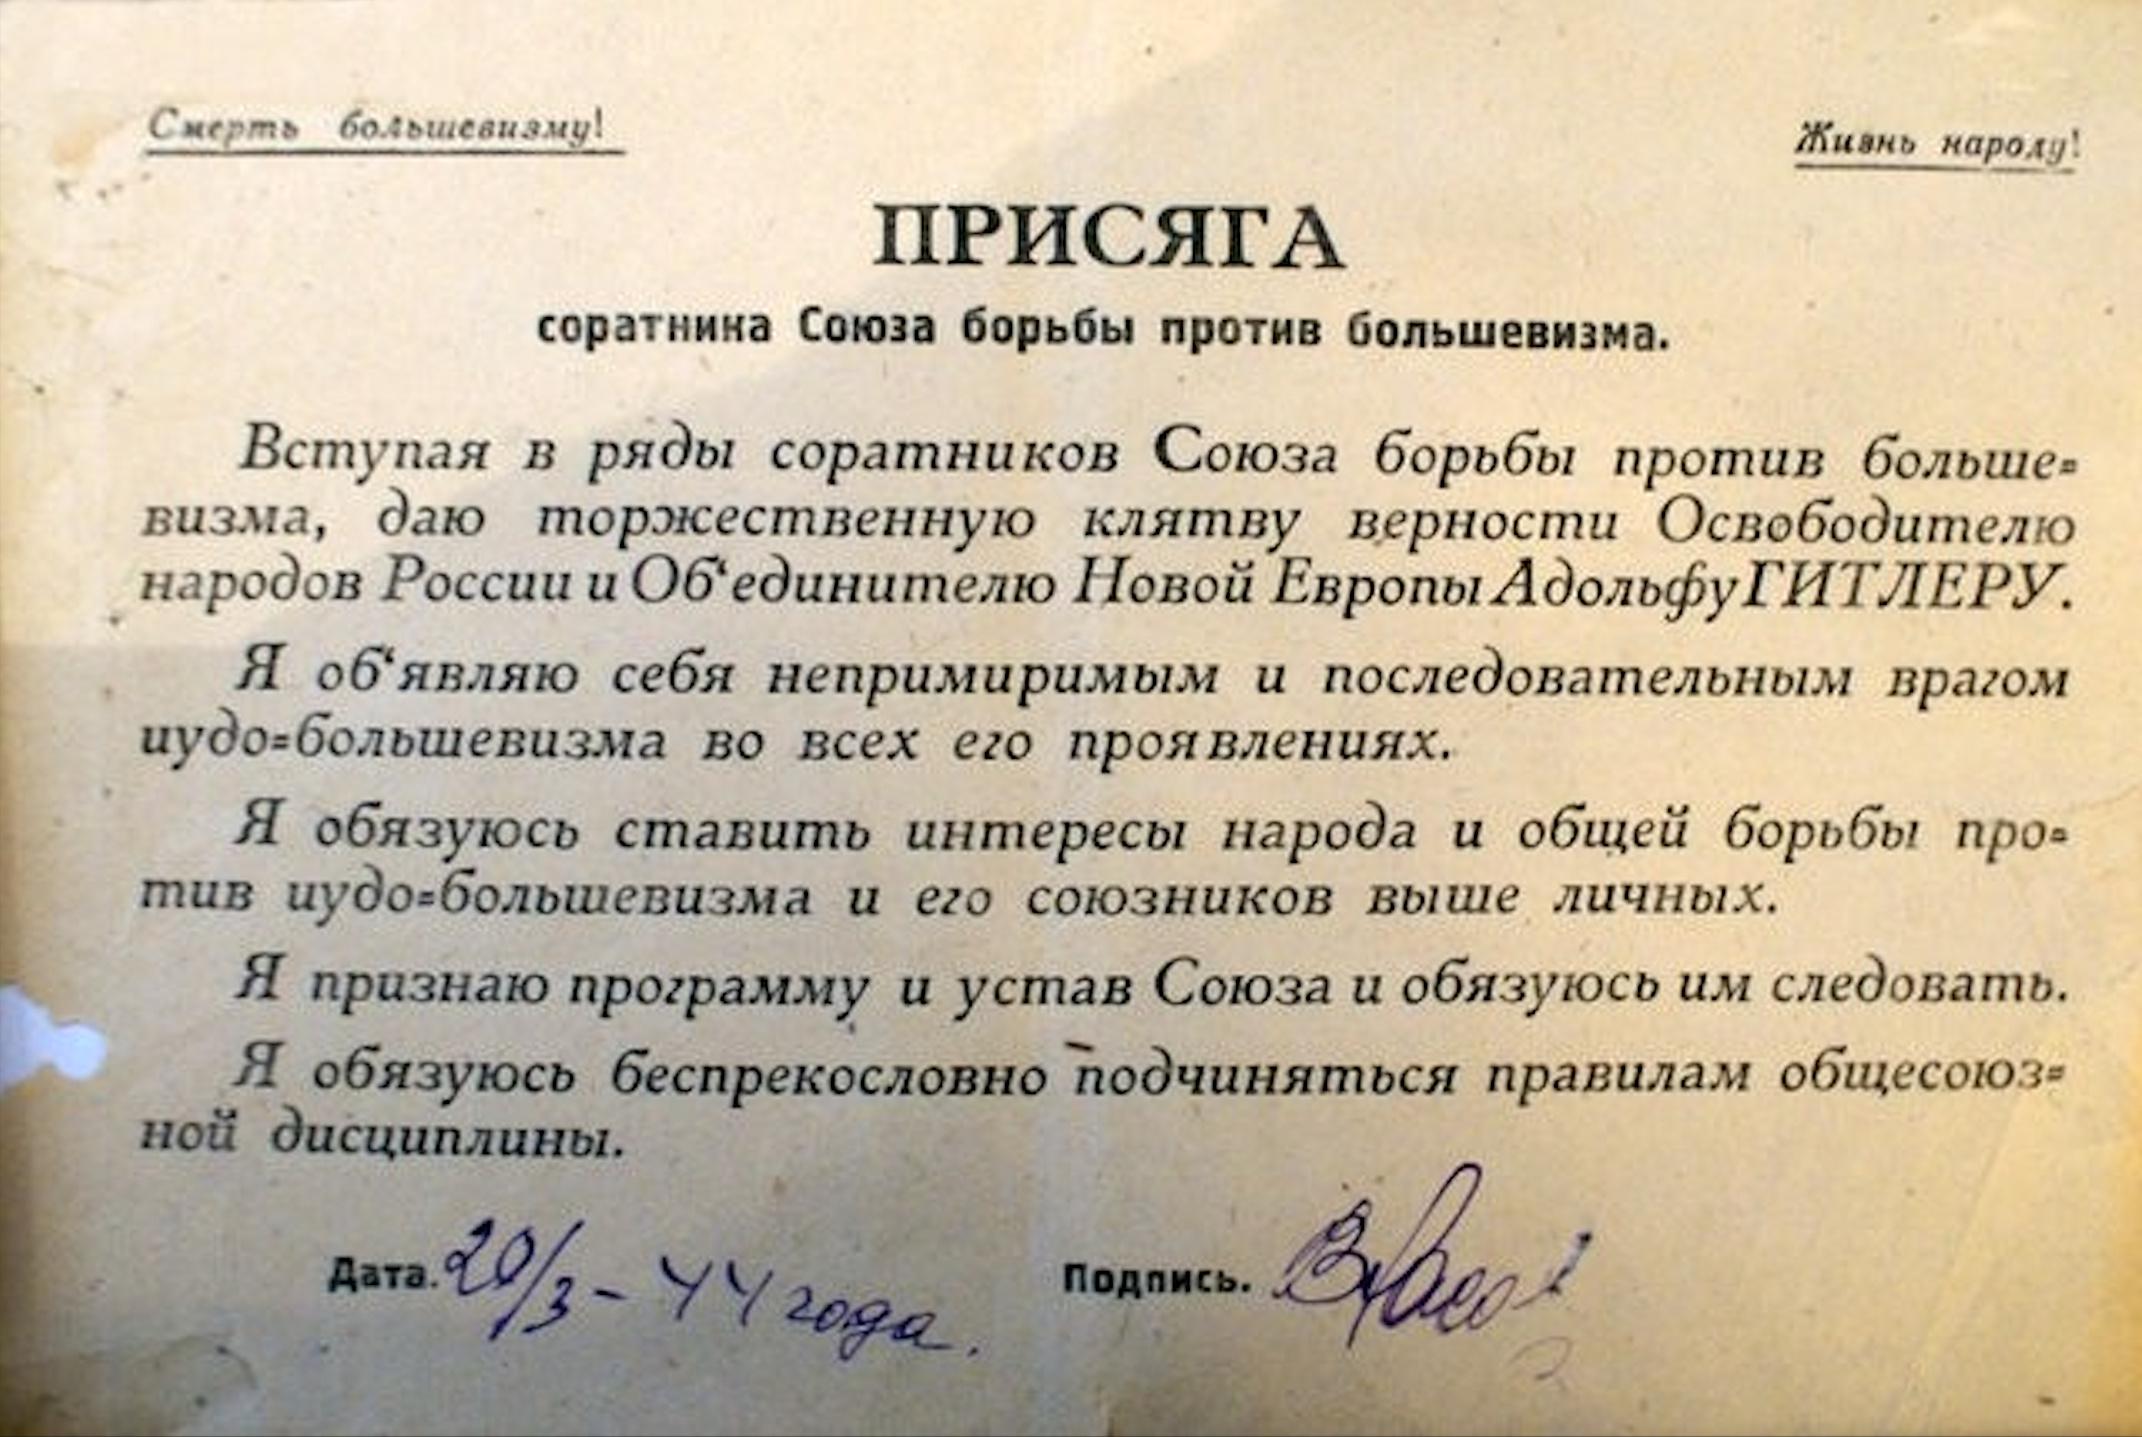 Присяга на верность Гитлеру в борьбе против большевизма